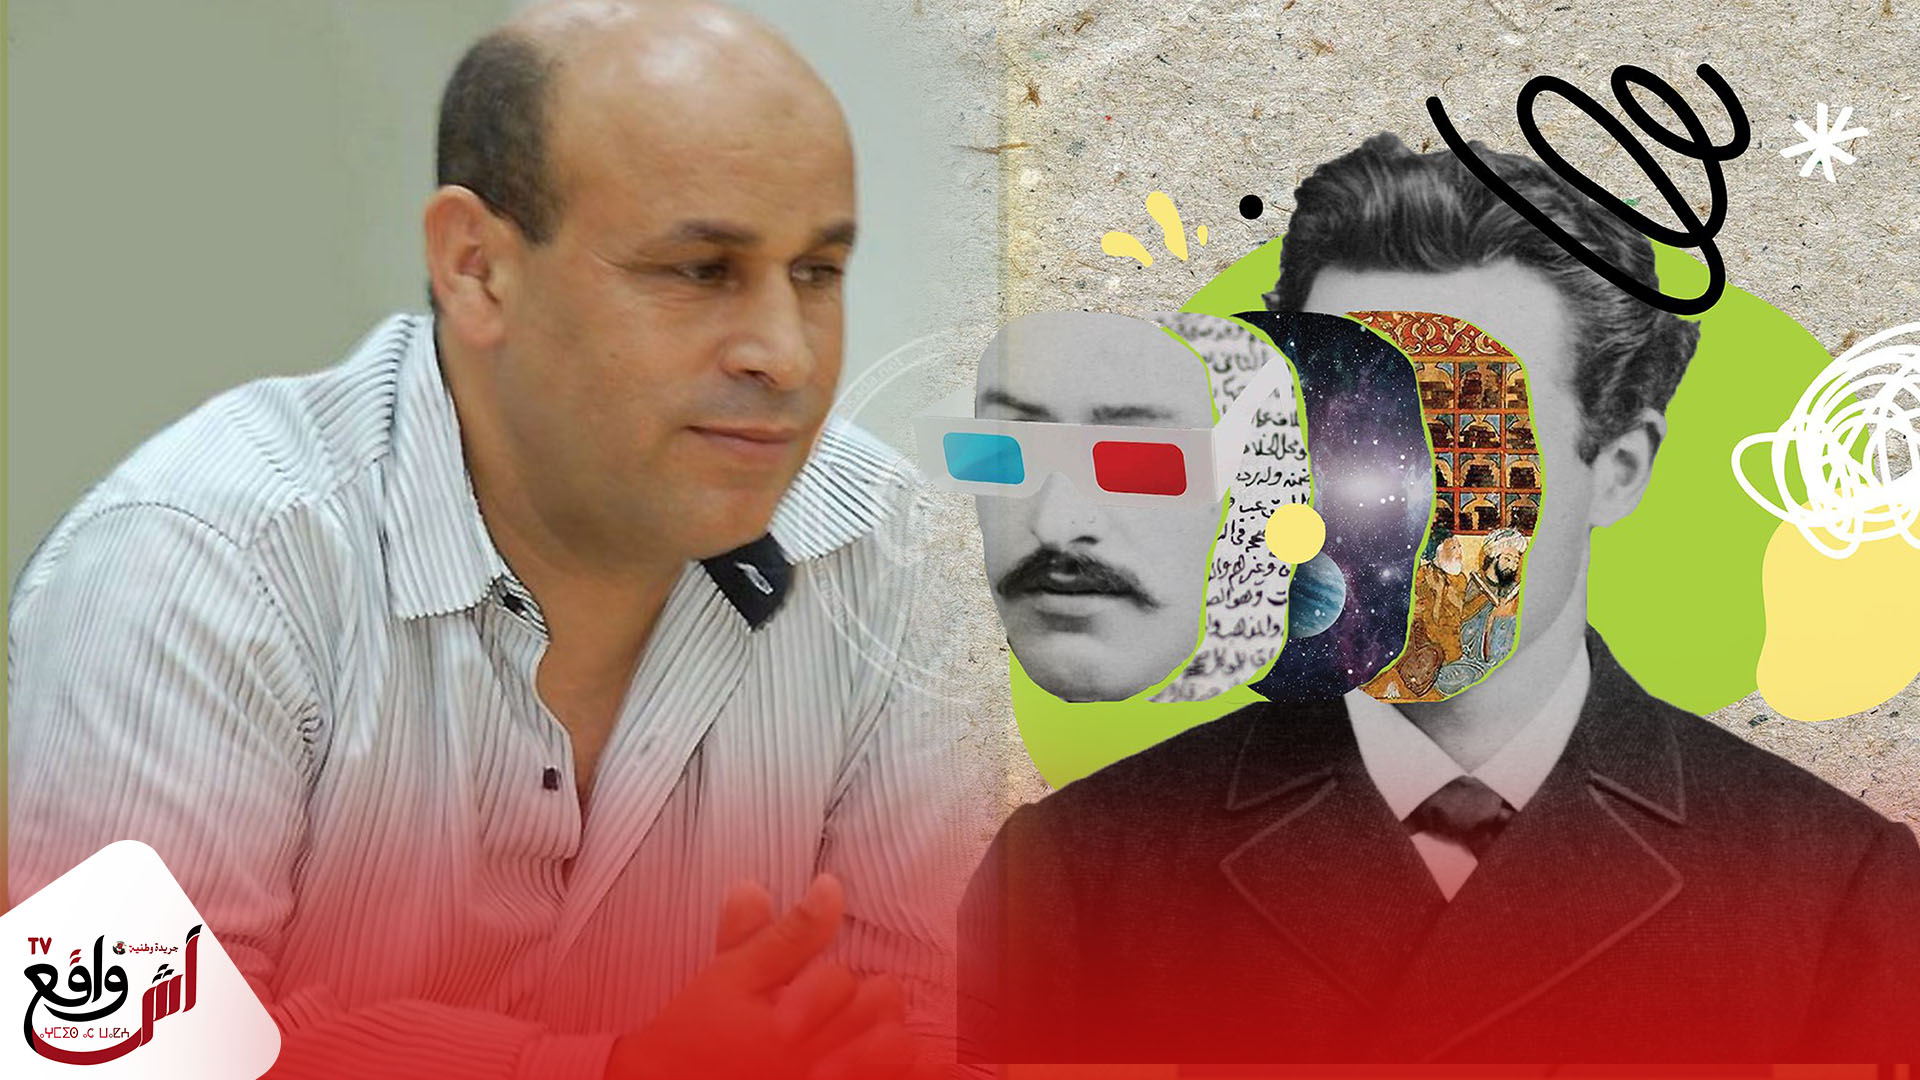 سلسلة الثقافة والمثقف المعاصر (1)